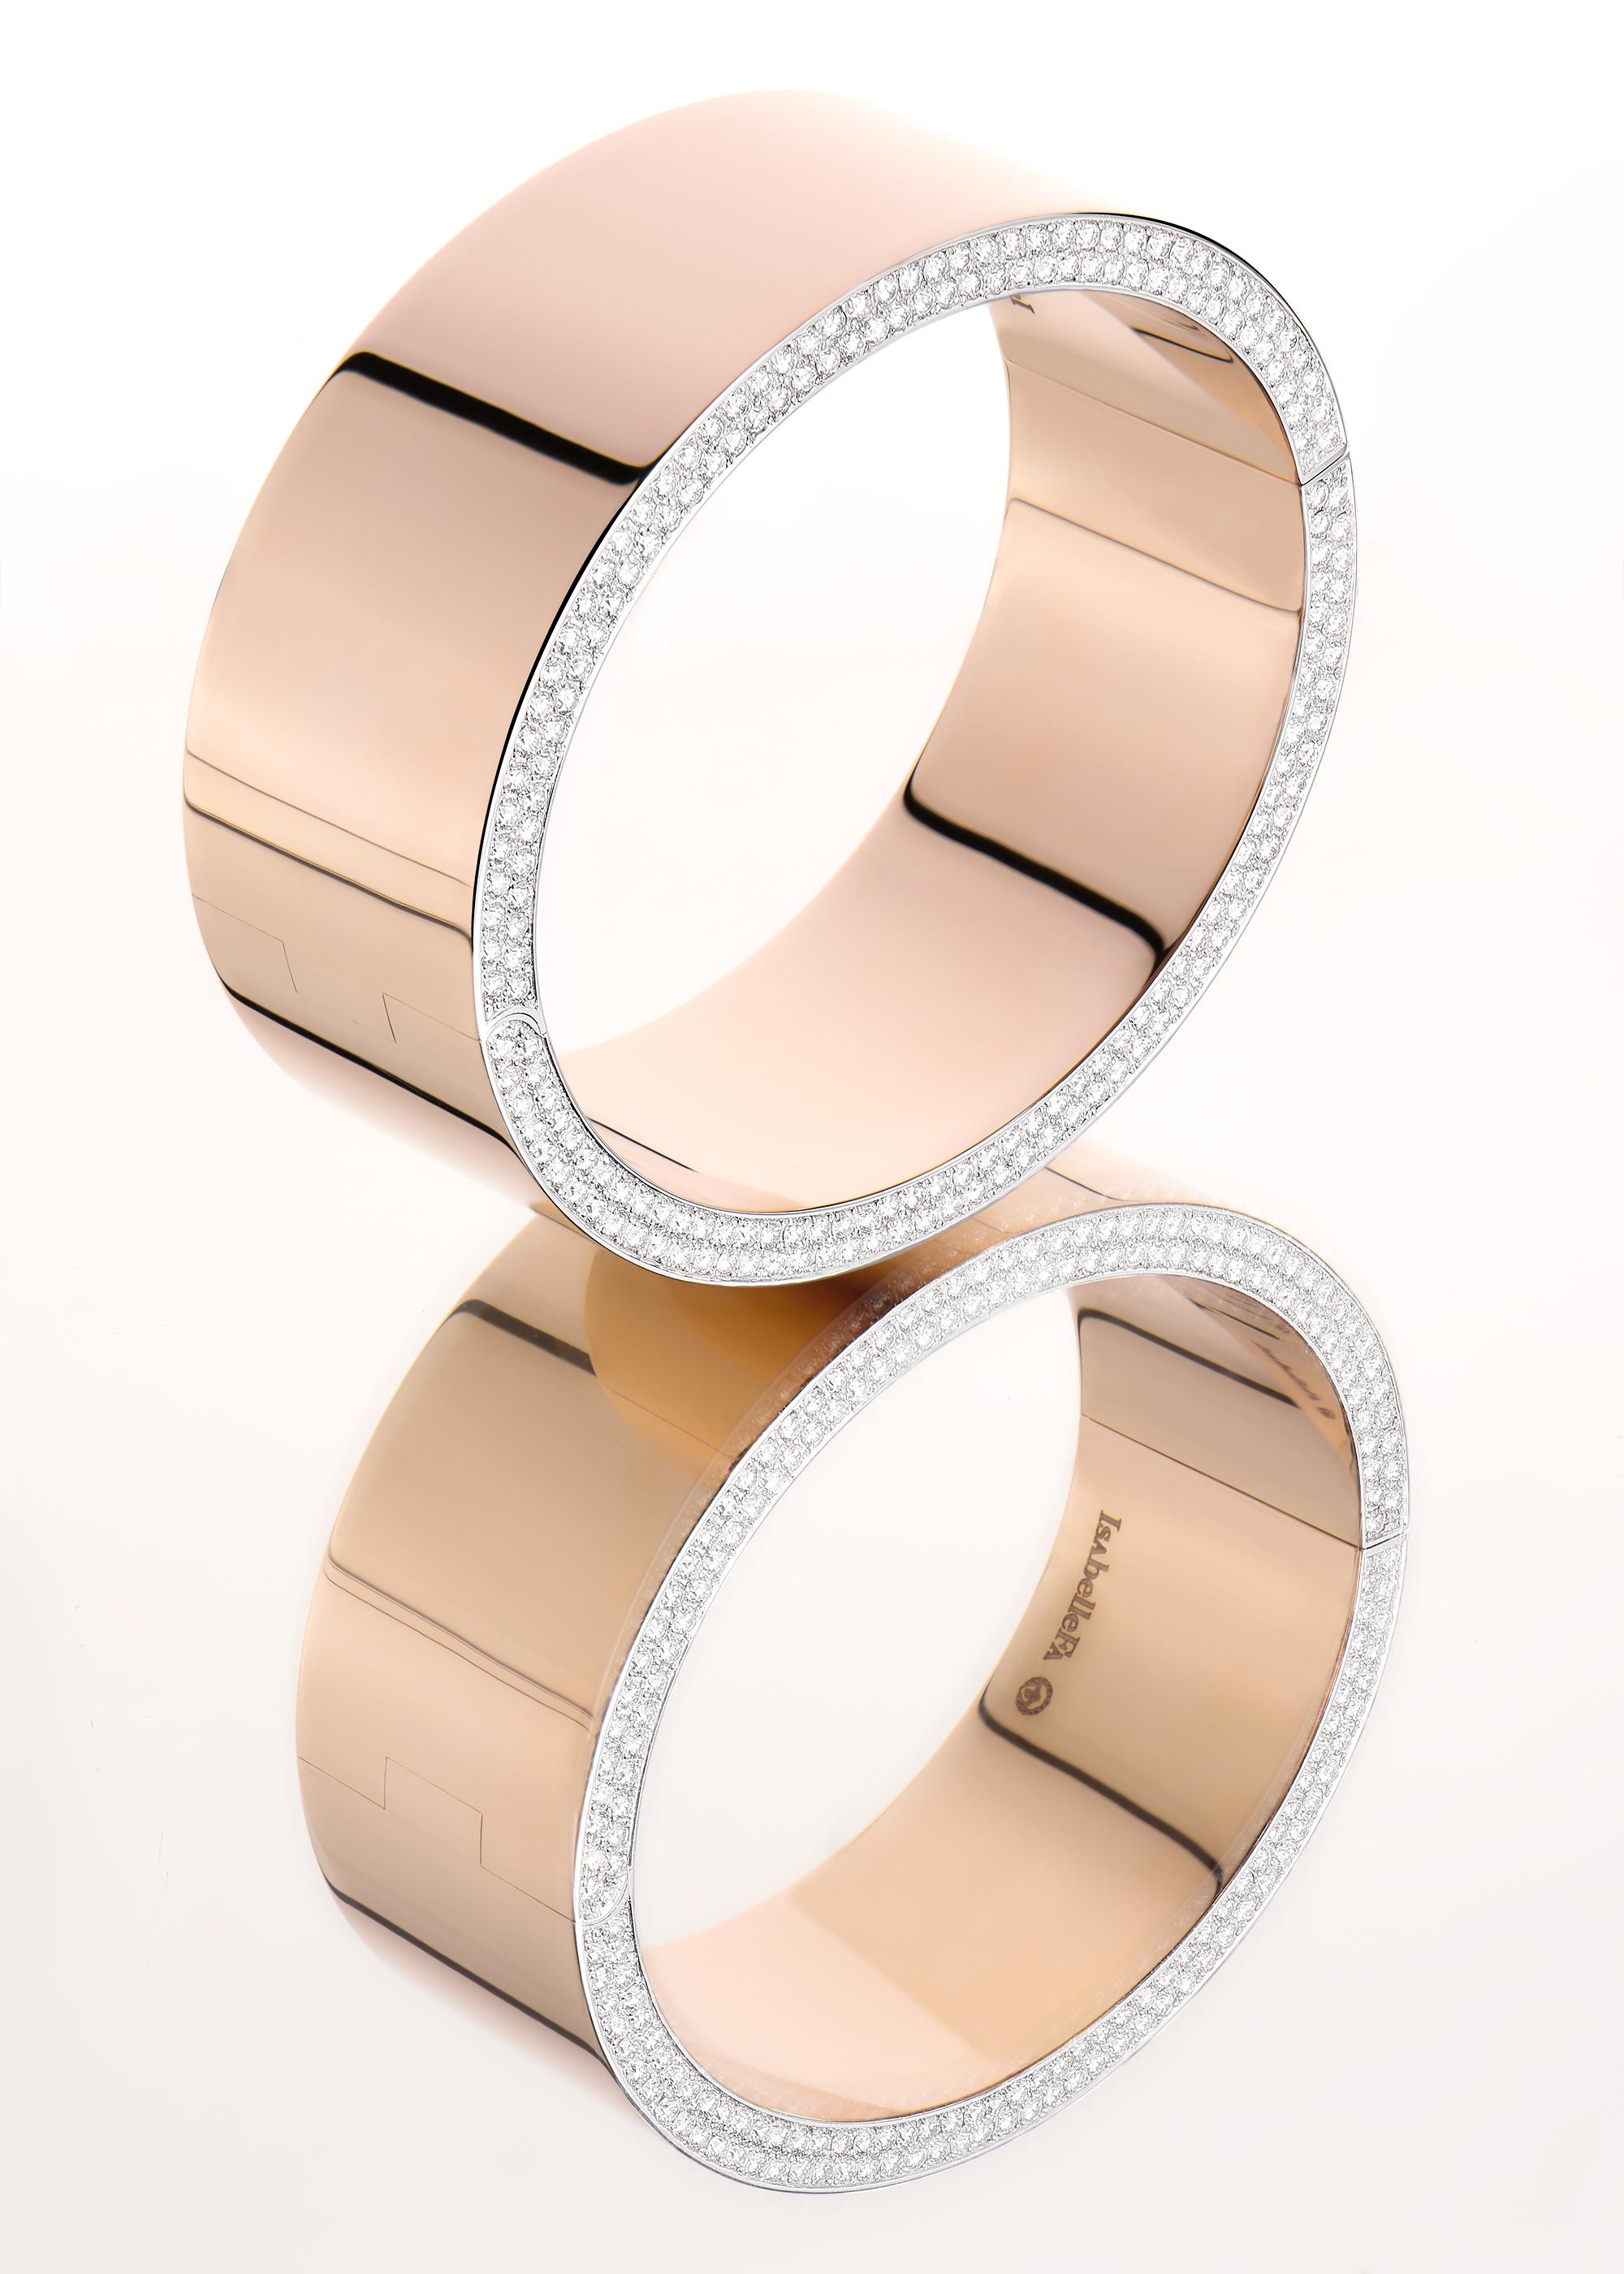 IsabelleFa - Bracelet manchette Jonc - Diamants Or Royal Rouge 18 Ct 750/1000e